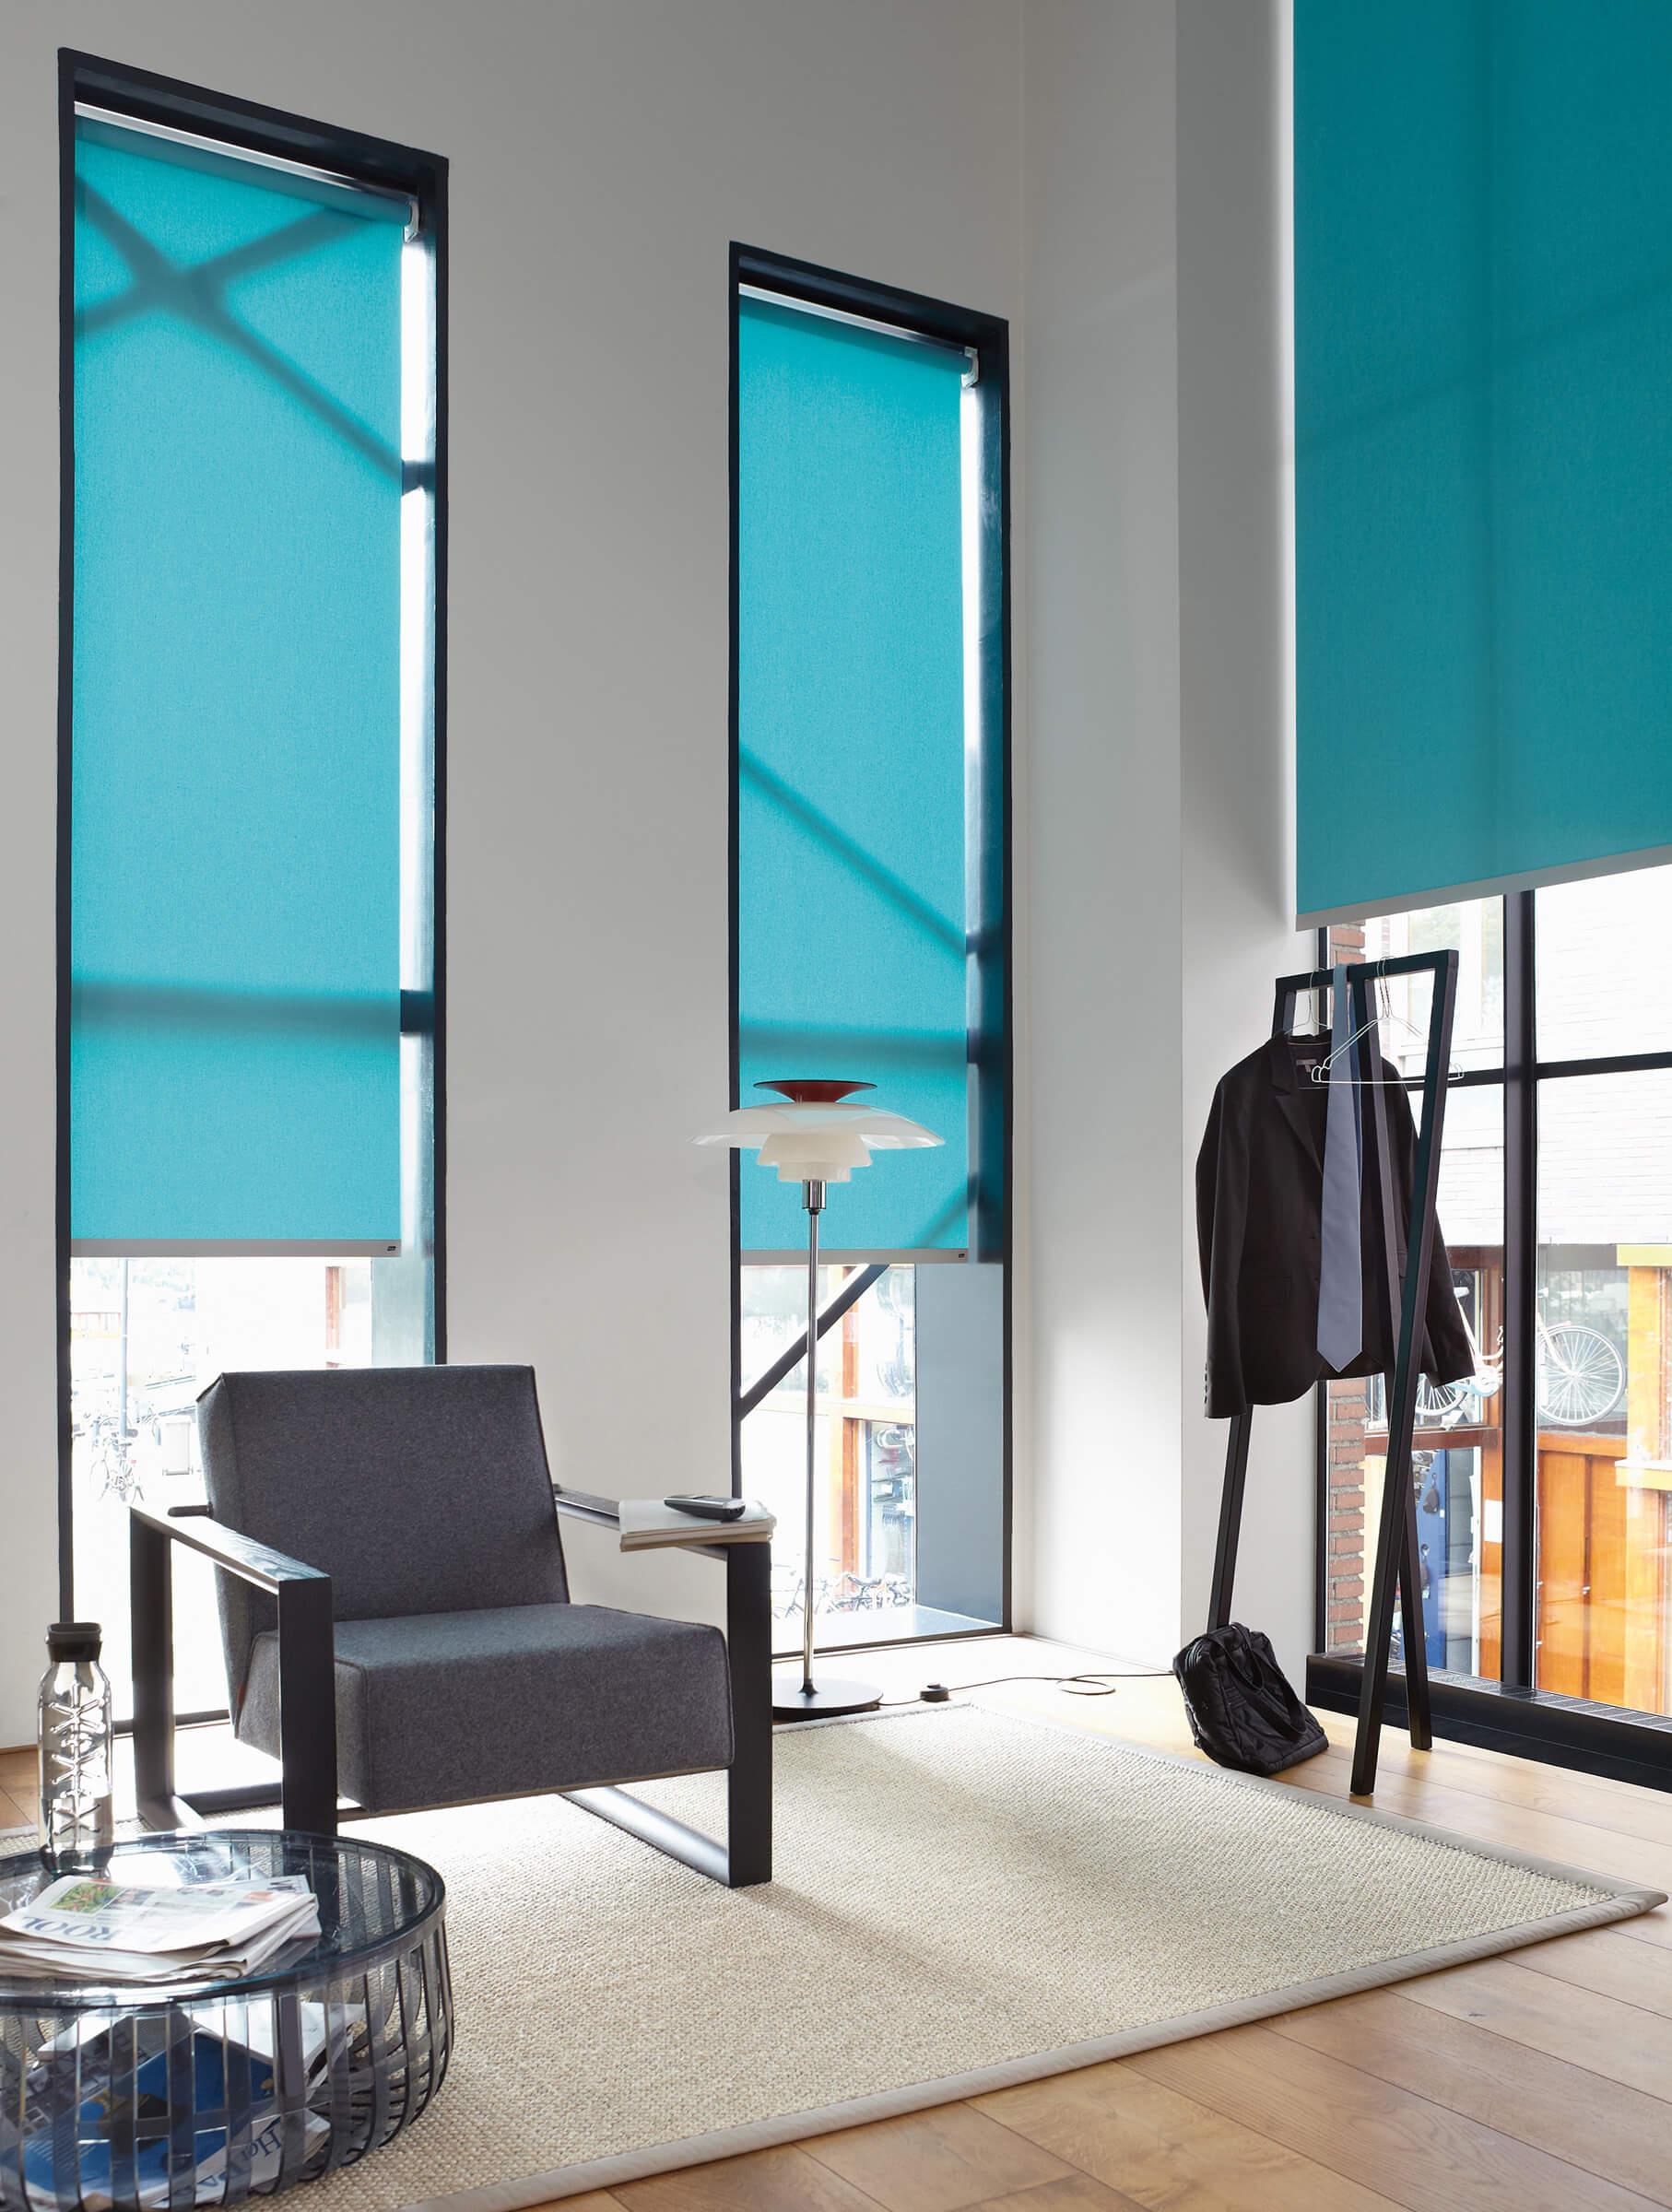 Sichtschutzrollo Farbe Türkis im Schlafzimmer